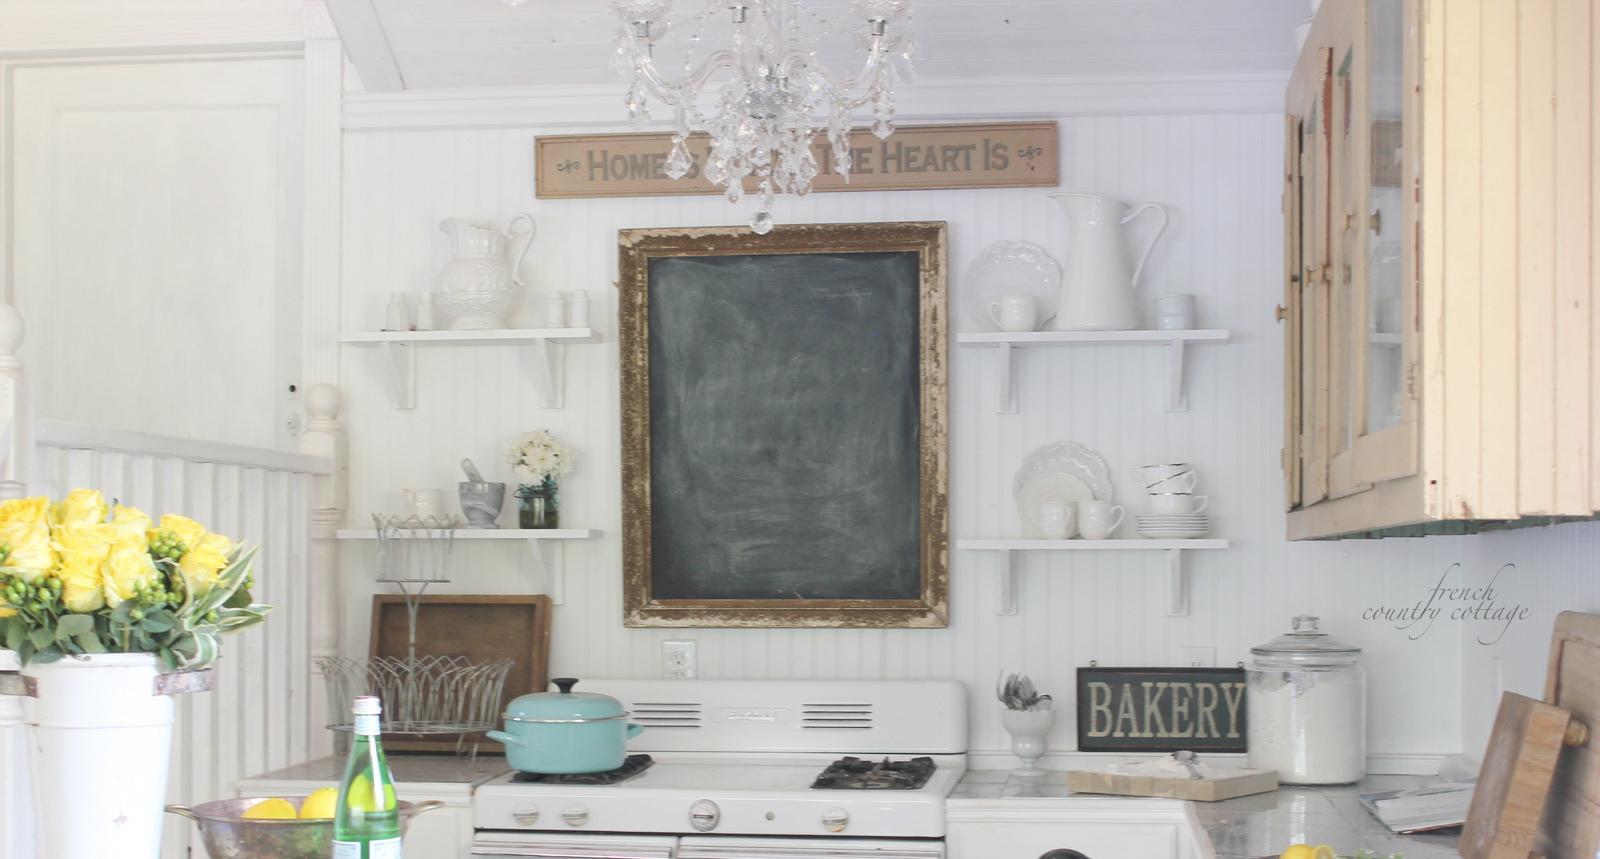 Kuchyne - presne tuto kombinaciu drevena zastena+tabula v rame+policky som si vymyslela a vcera cirou nahodou nasla na nete :o)